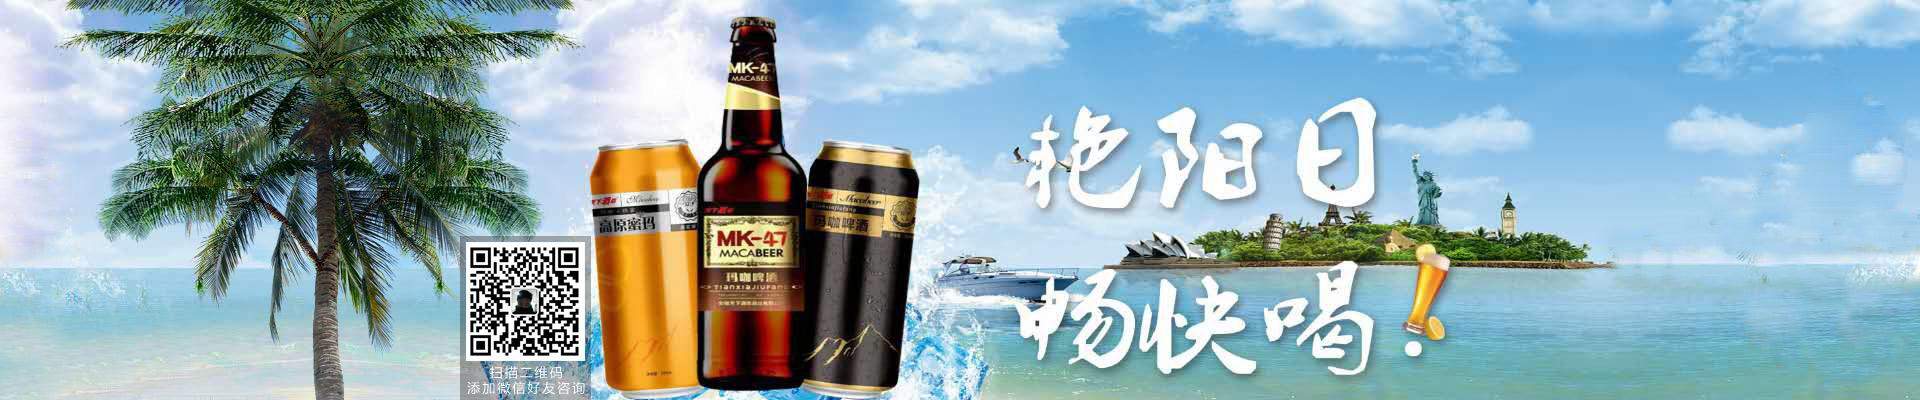 安徽天下酒坊酒业有限责任公司